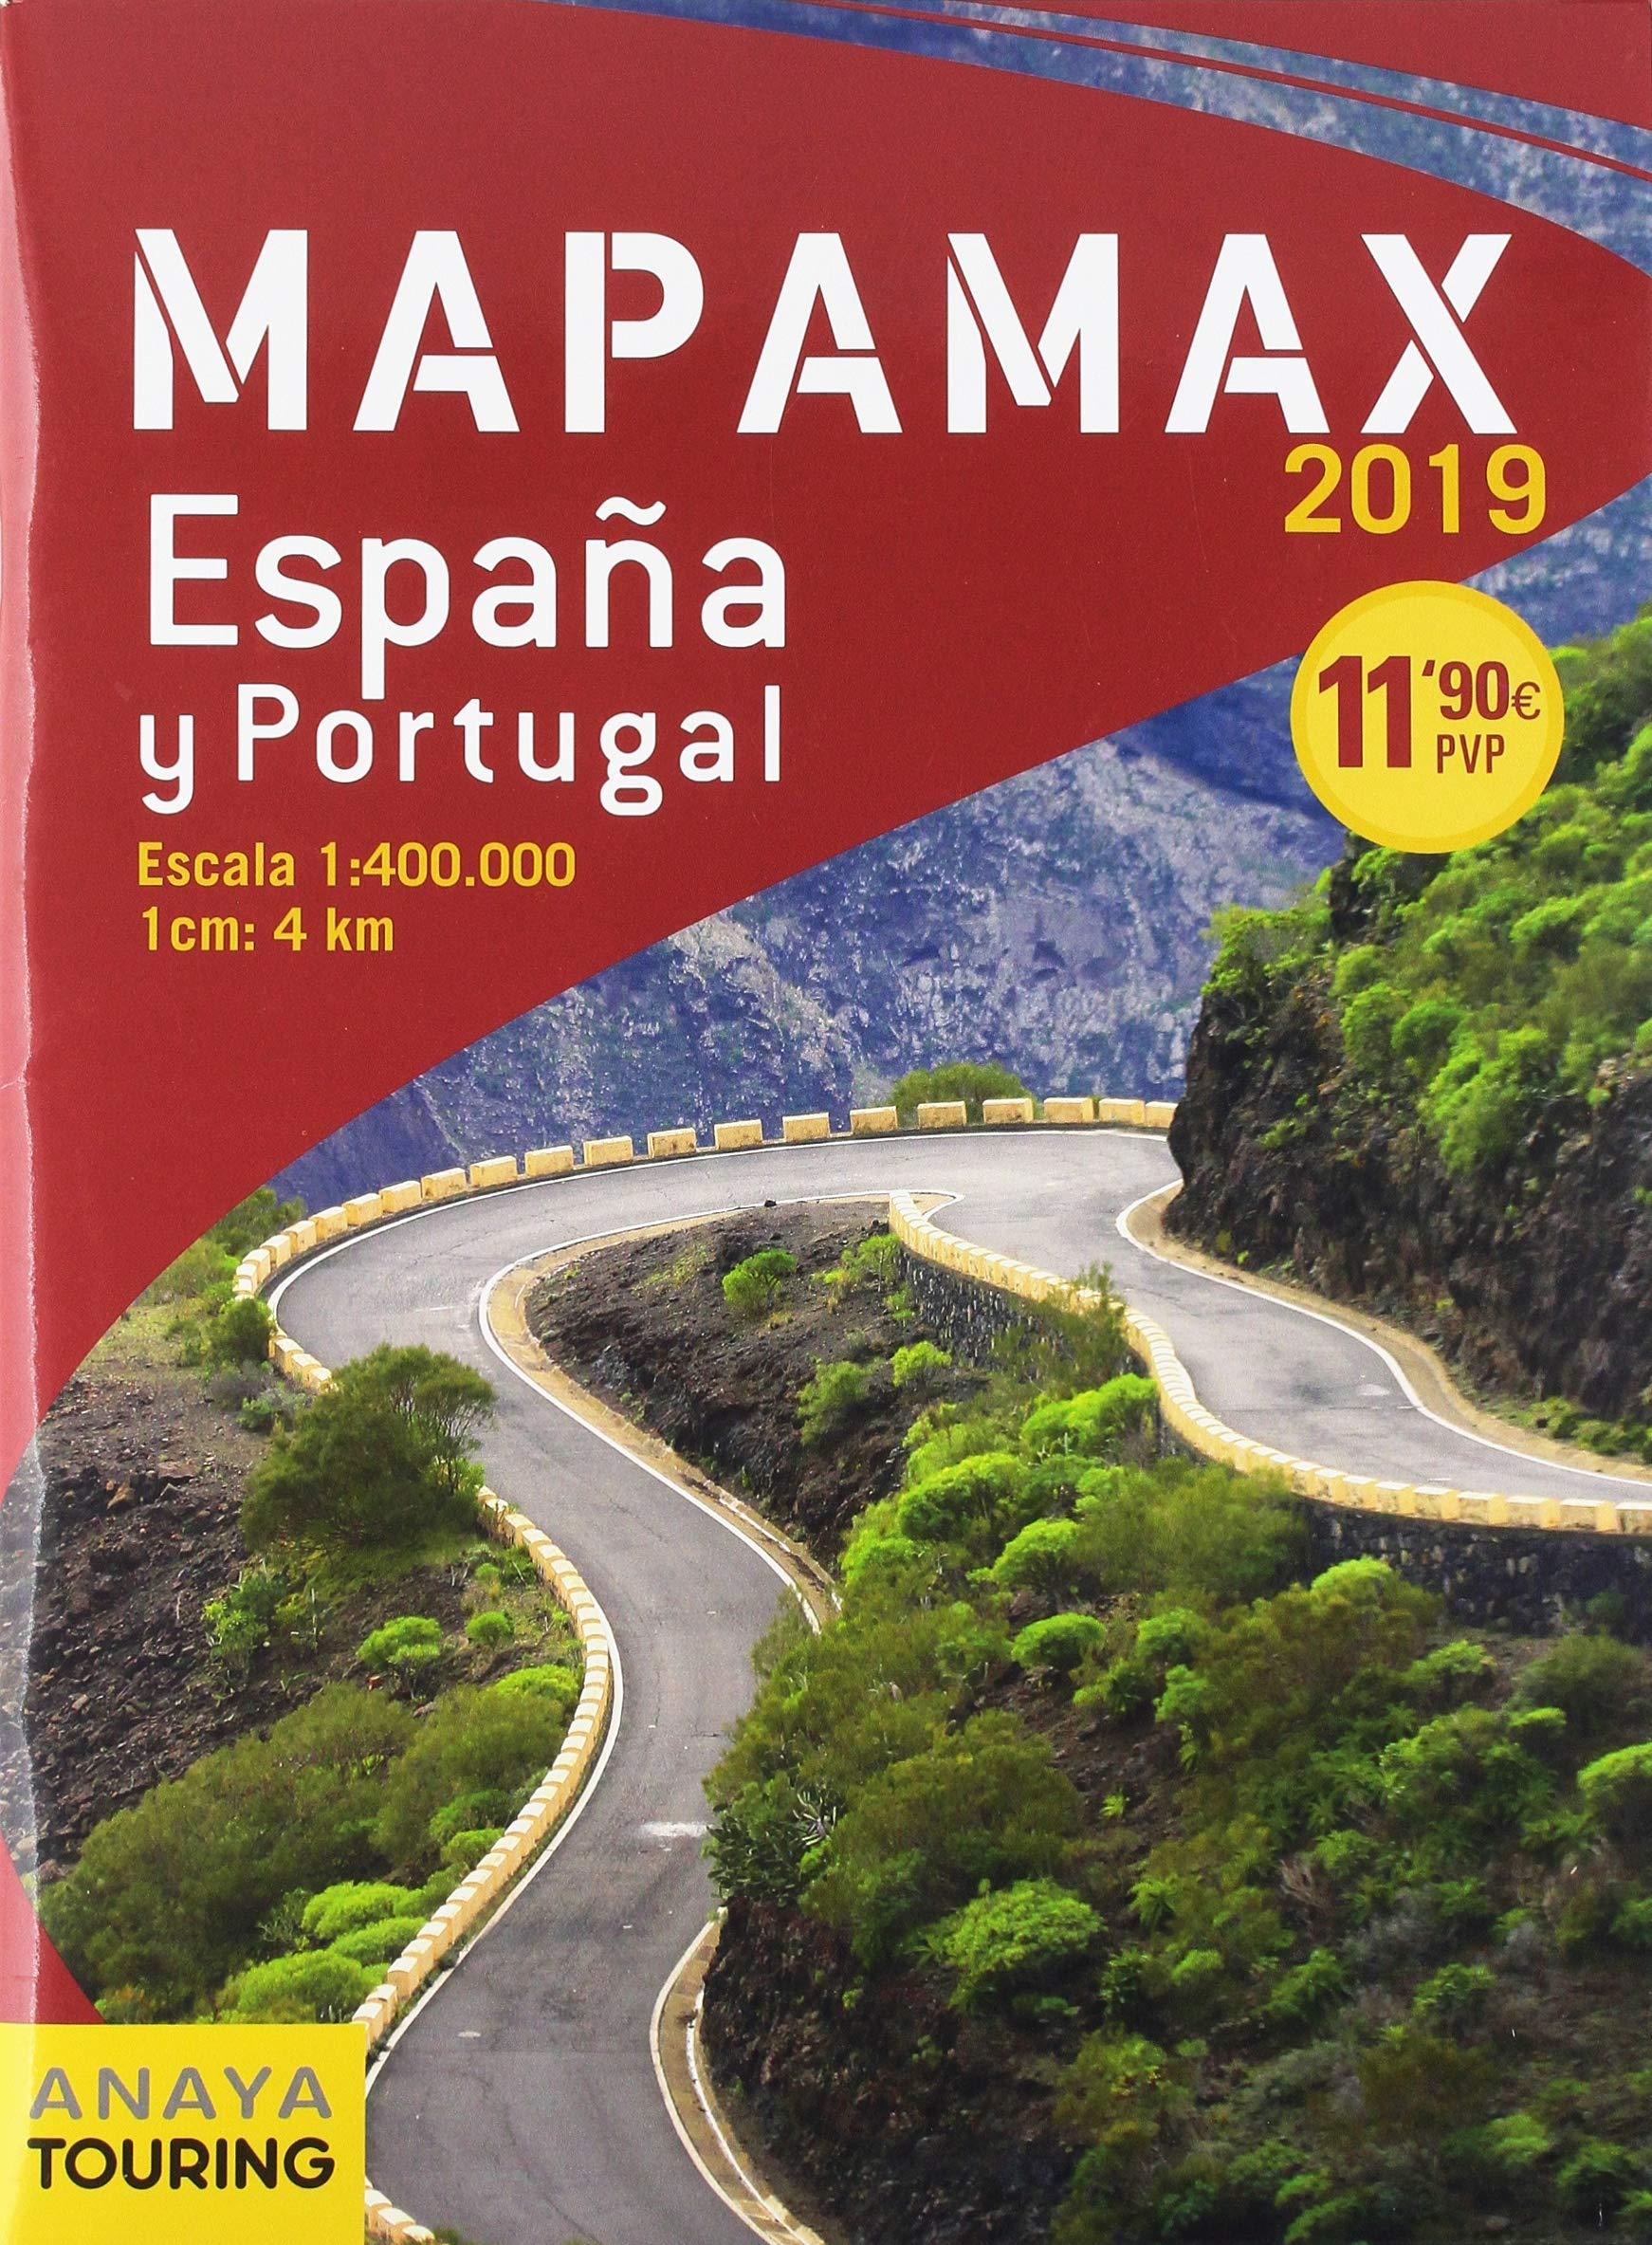 Mapamax - 2019 (Mapa Touring): Amazon.es: Anaya Touring: Libros